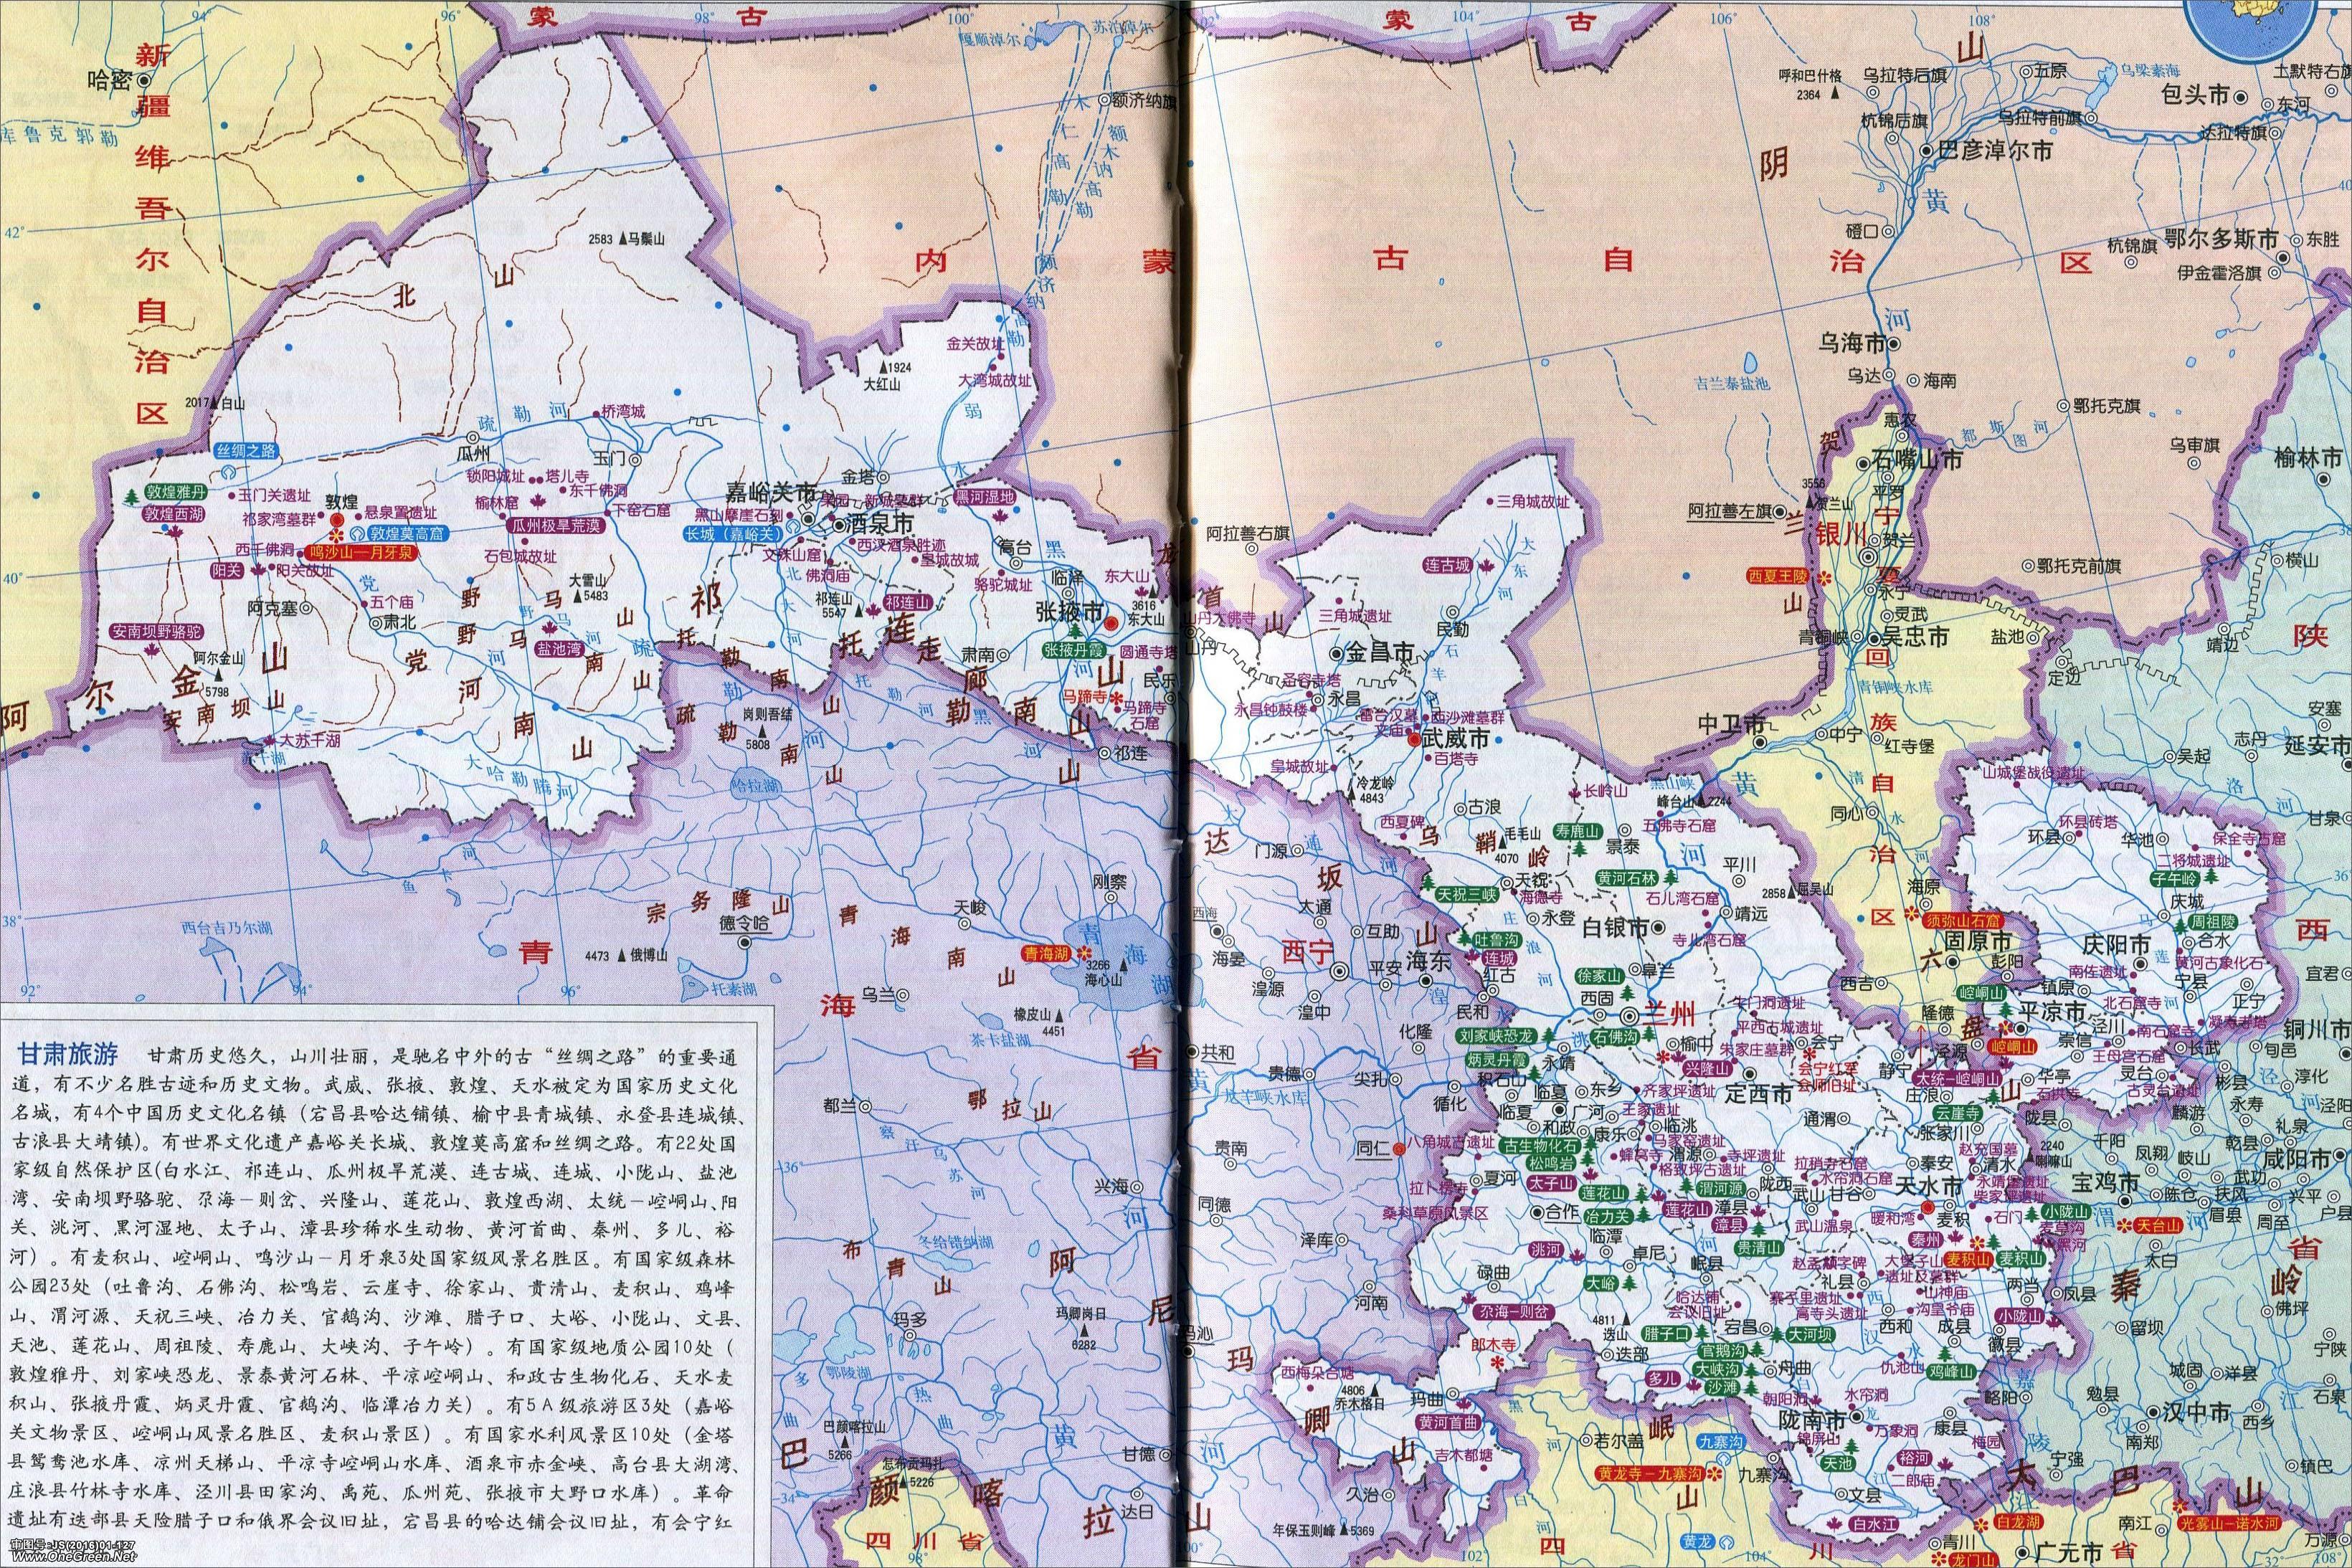 成都地图全图高清版_甘肃地图全图高清版_地图窝